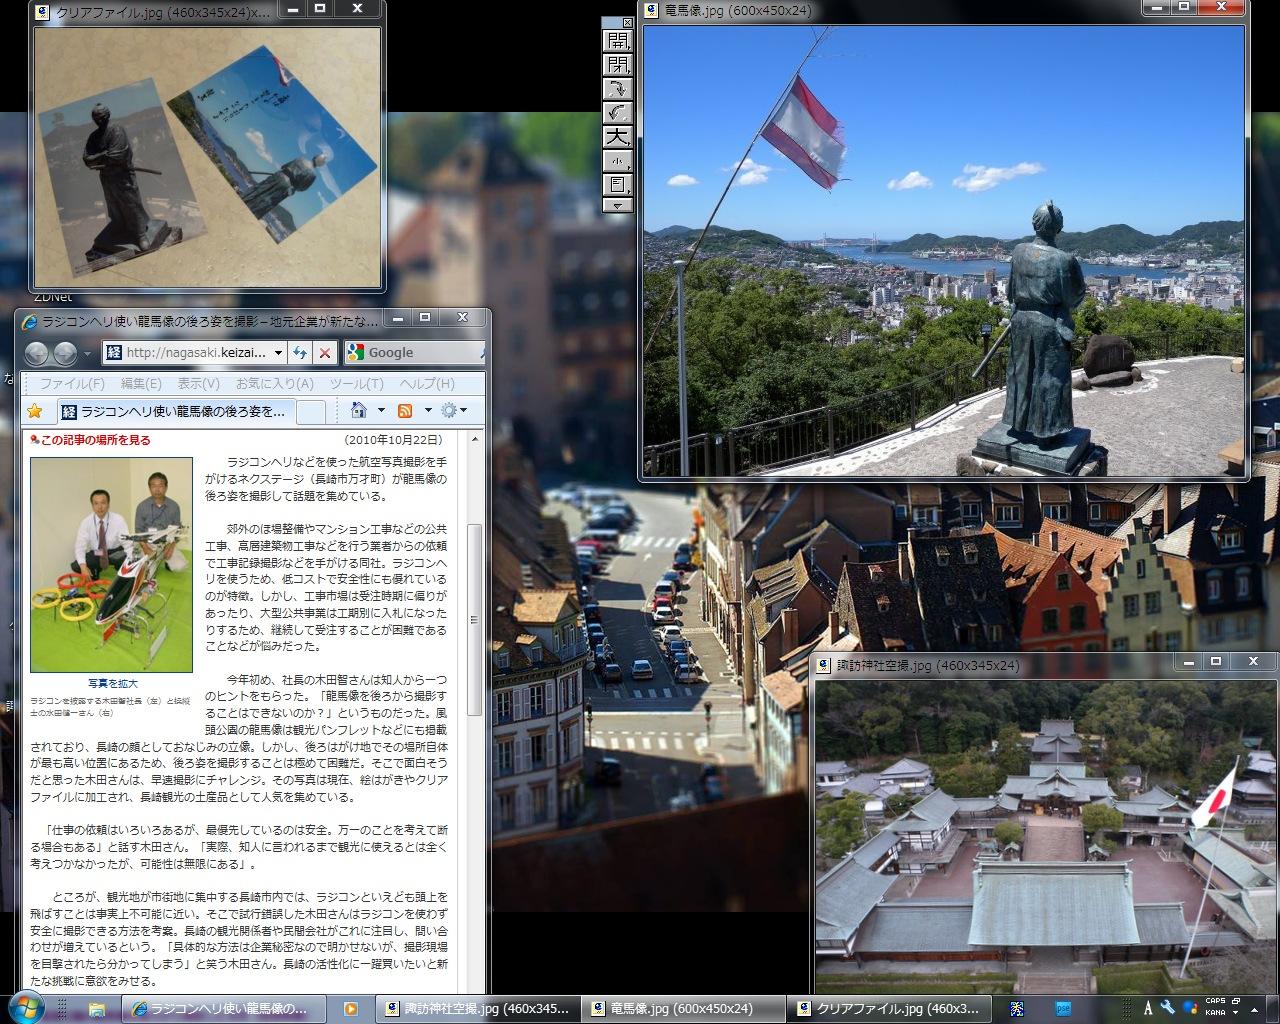 長崎:NHK坂本龍馬ブームだった2010年、古賀の里